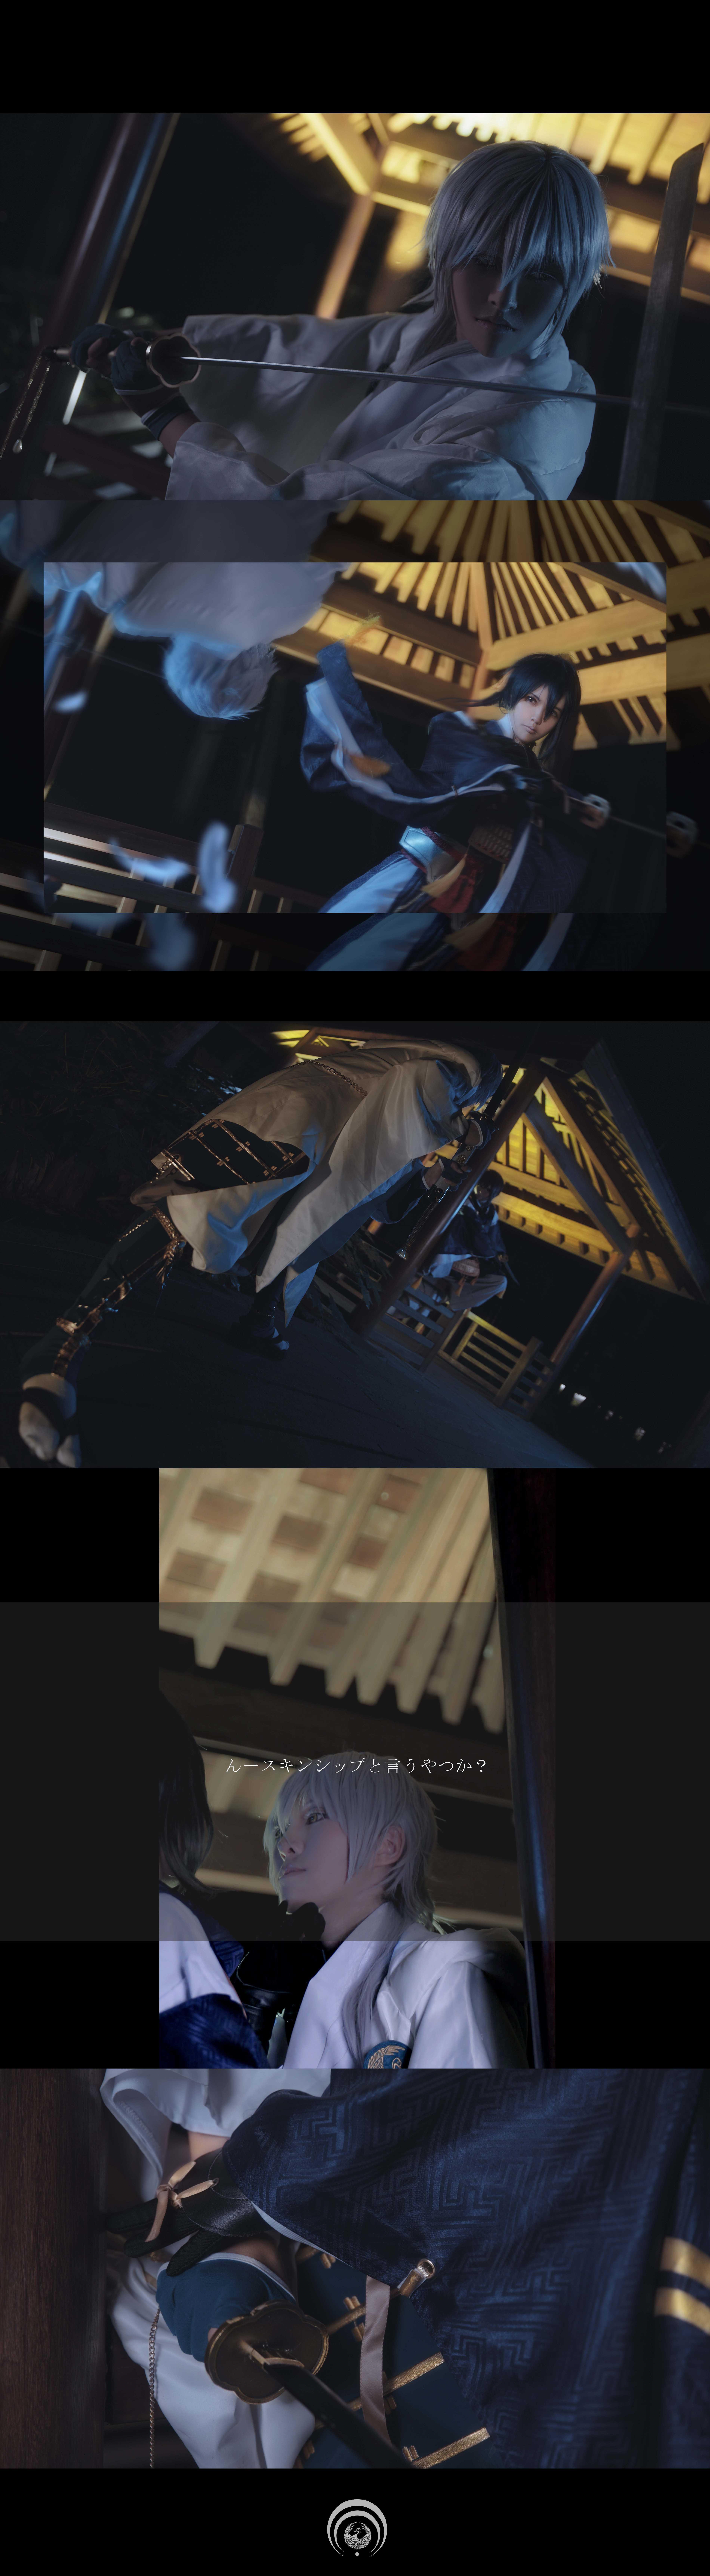 《刀剑乱舞》刀剑乱舞三日鹤cosplay【CN:鹤鸽鹤咕咕】-第3张